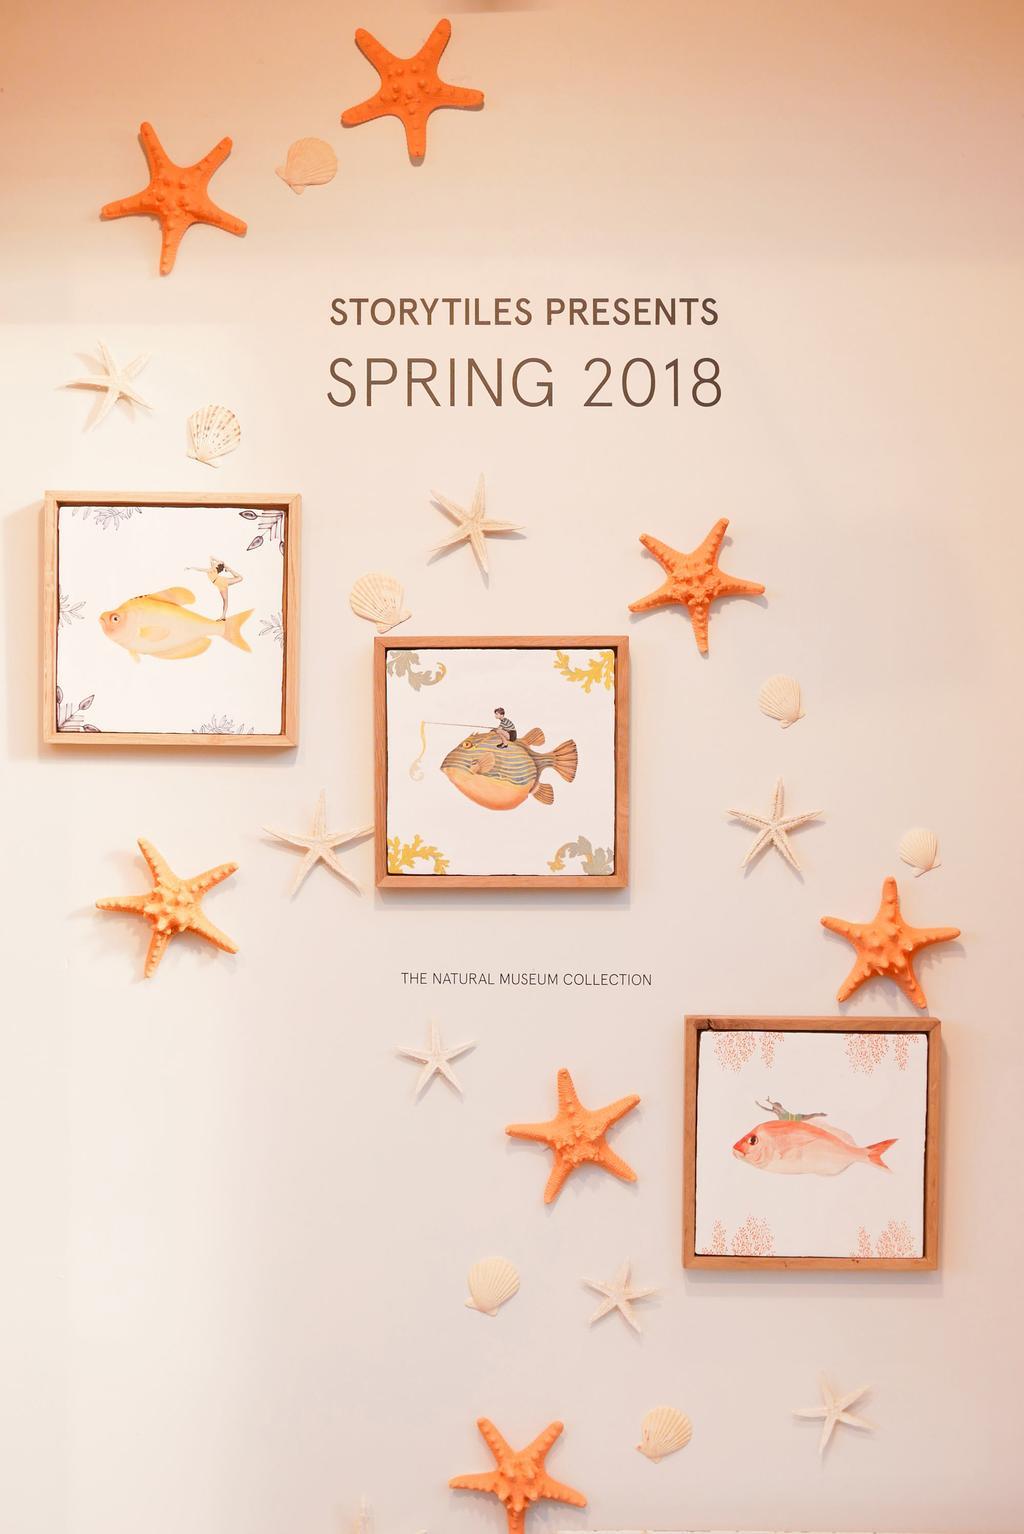 Tegels van StoryTiles aan de wand tijdens showUP